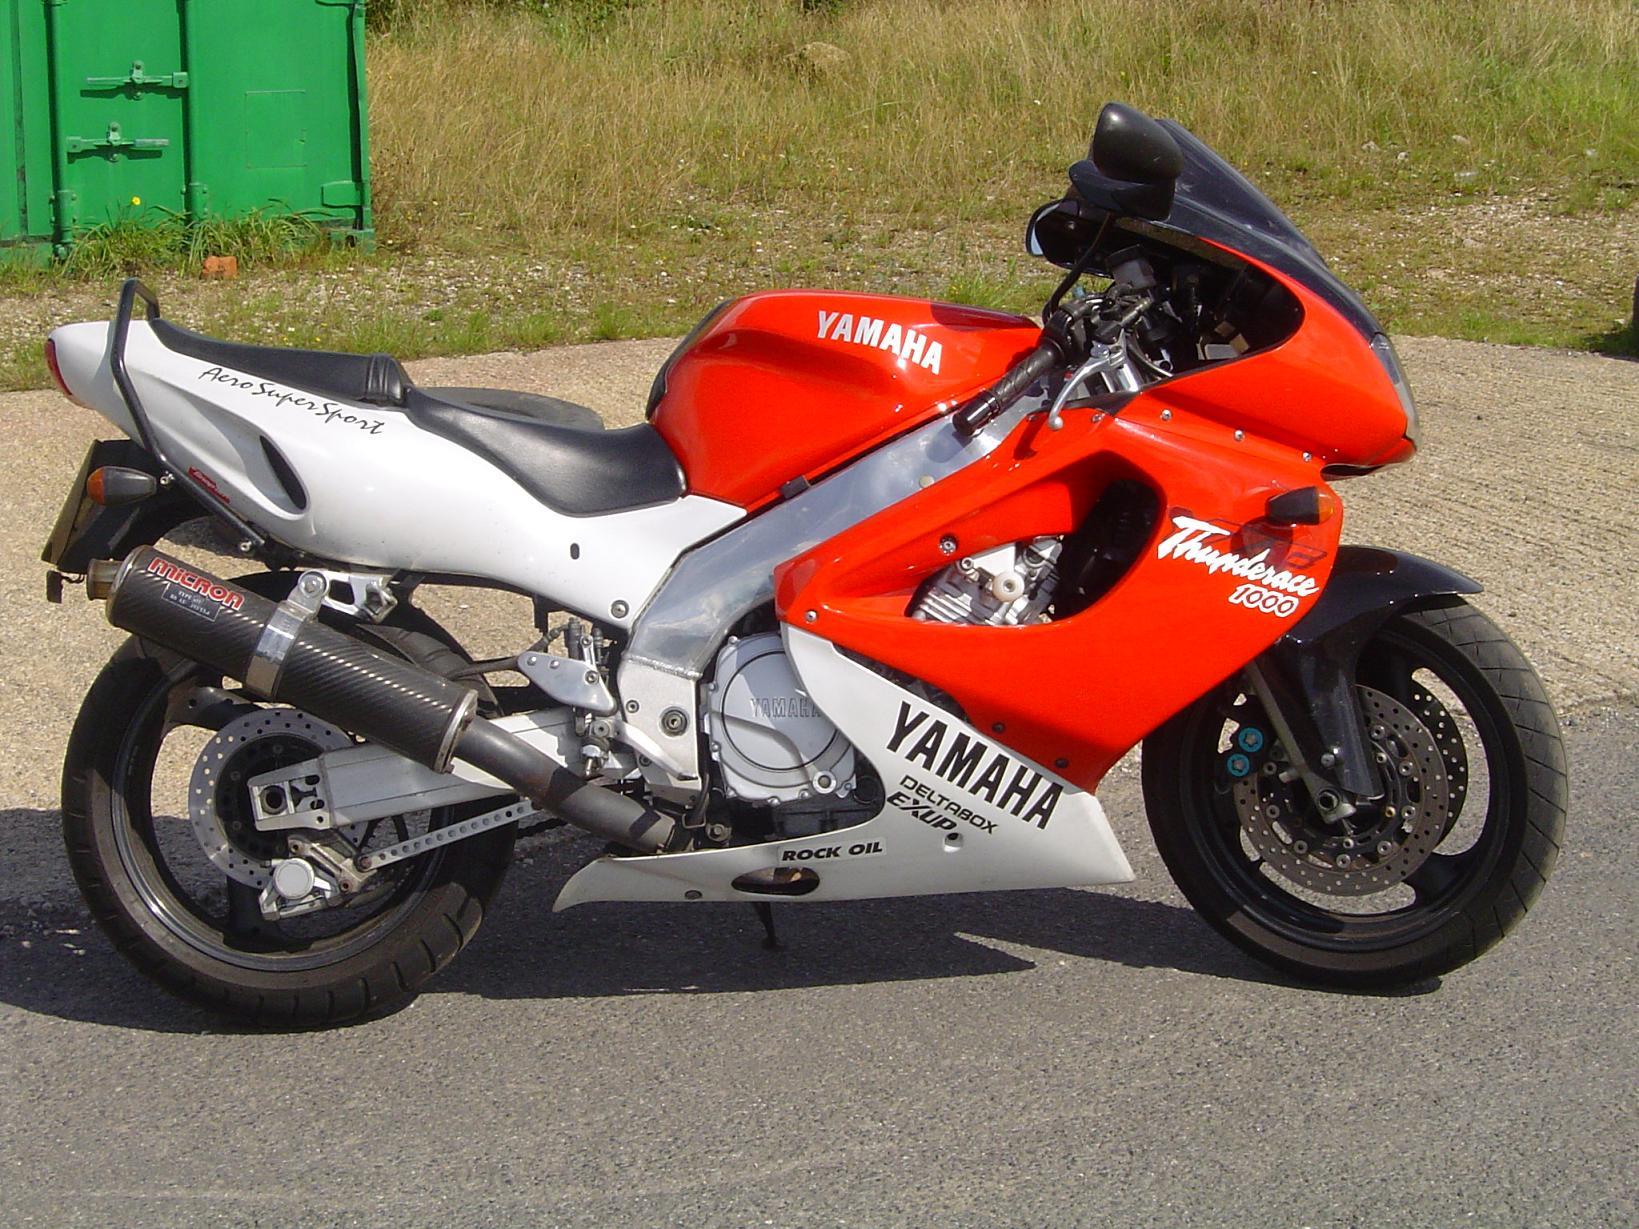 [Imagem: Yamaha-YZF1000R_Thunderace_mp105_pic_20675.jpg]